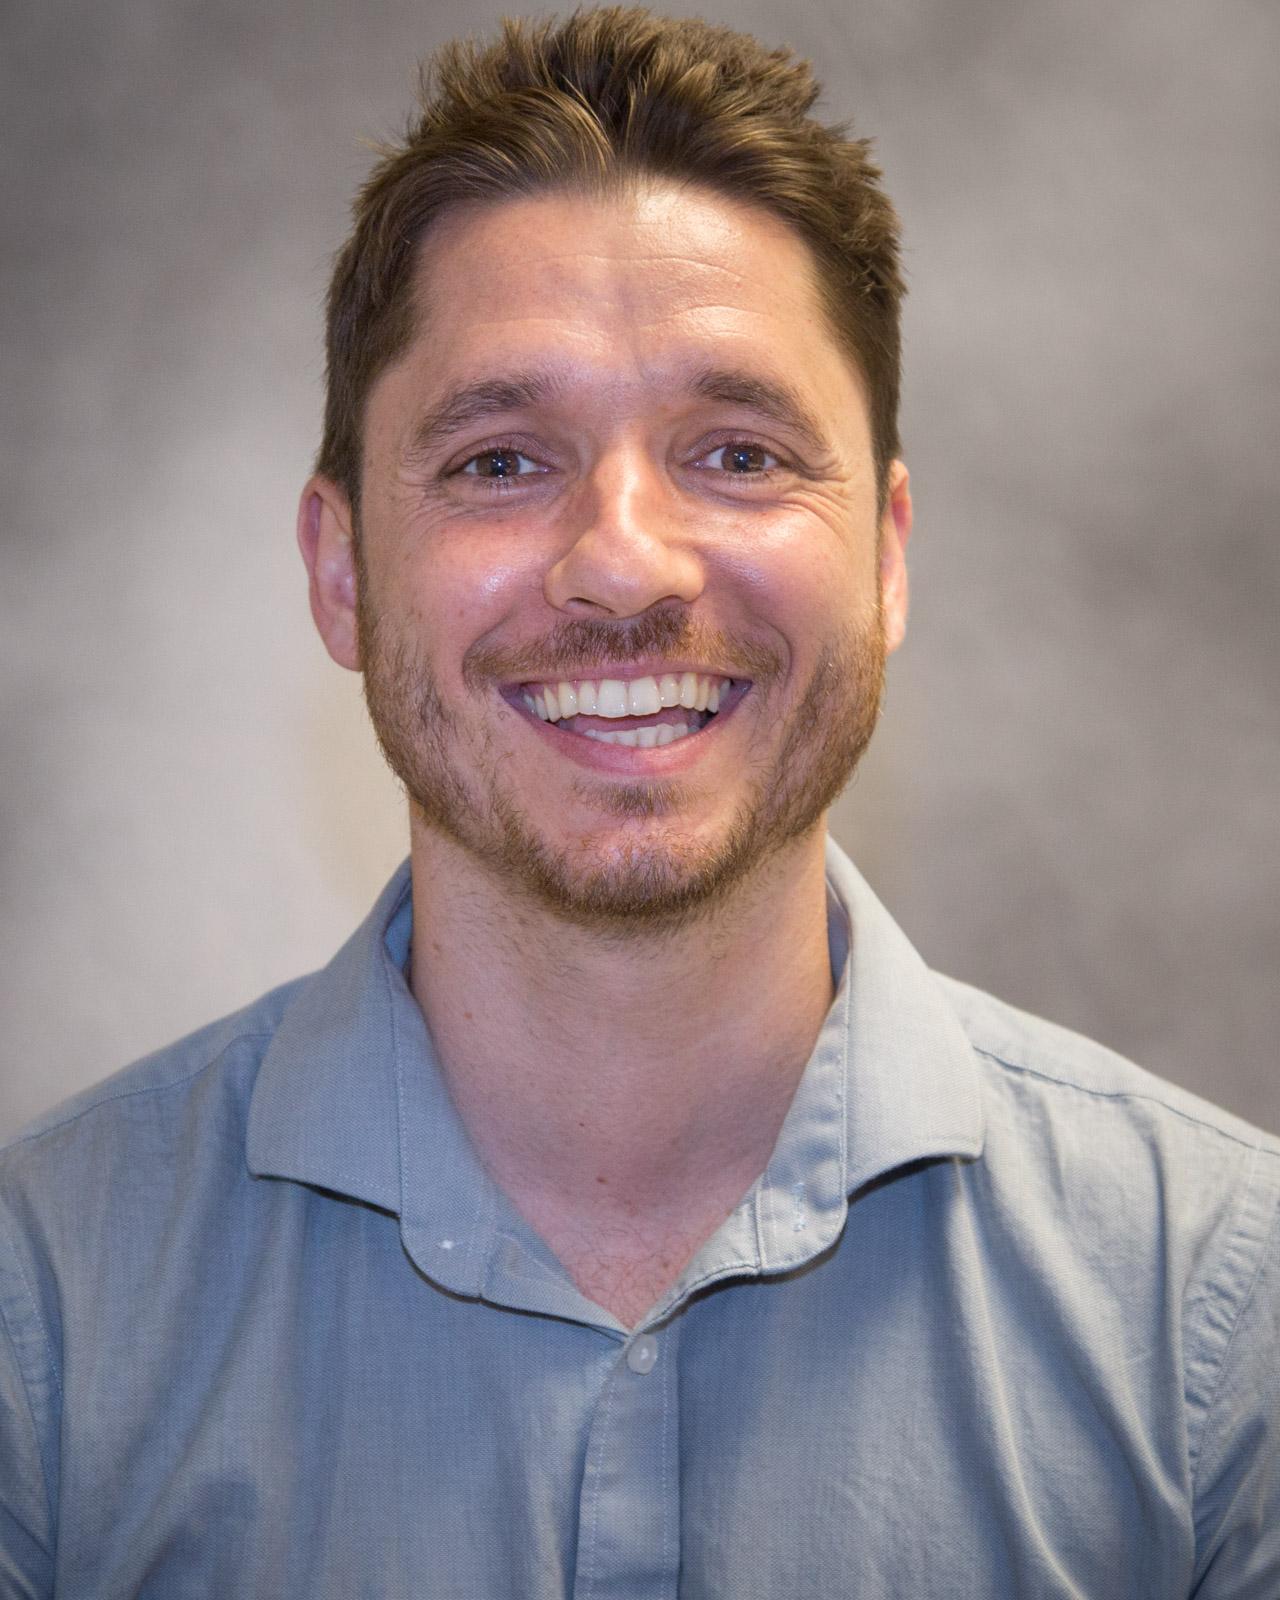 Joseph Uricchio, MD